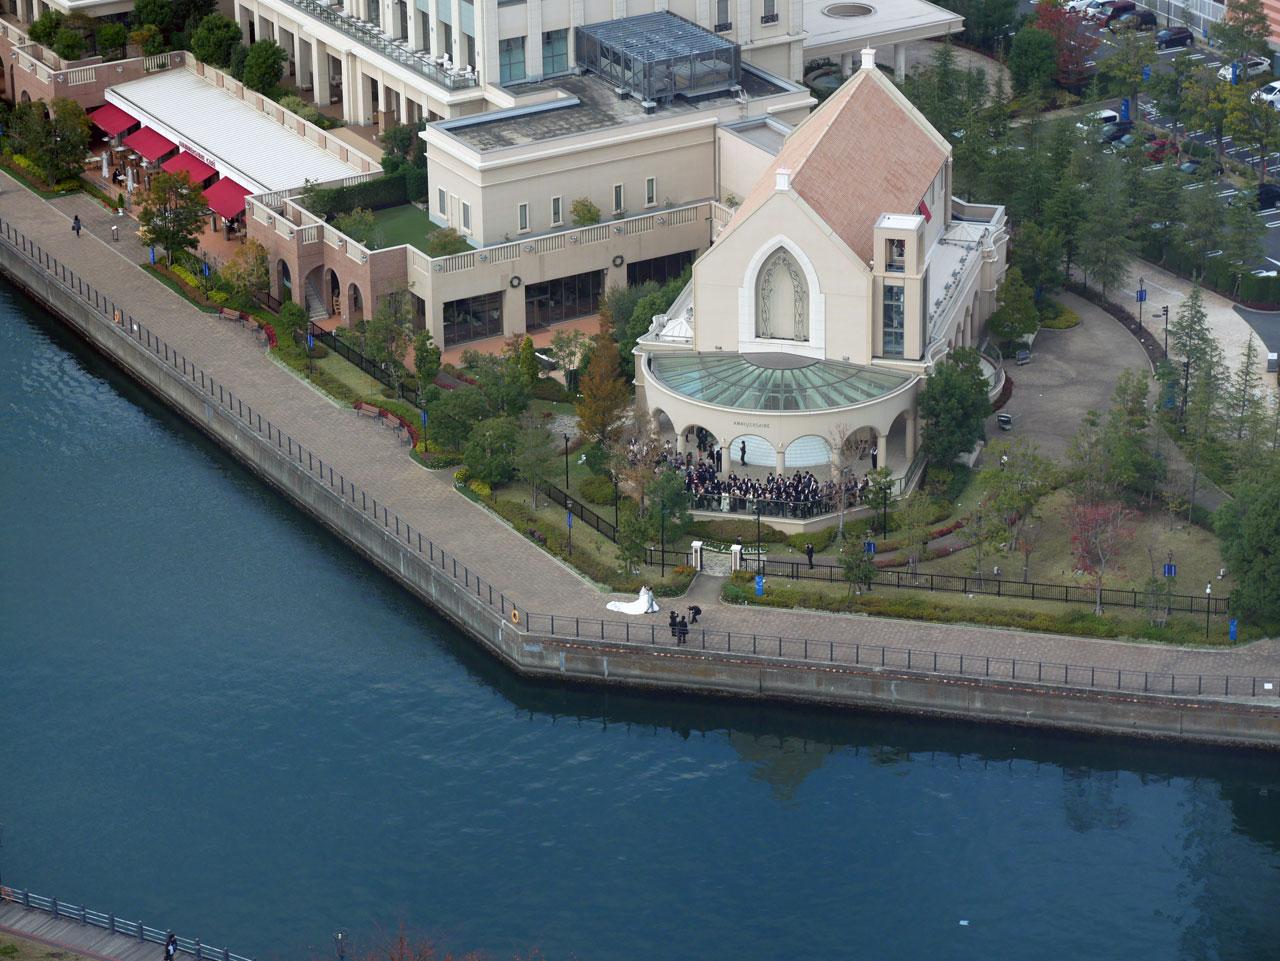 アパホテル横浜ベイタワーからの眺望5:LUMIX DMC-GX7MK2+LEICA DG VARIO-ELMARIT 12-60mm/F2.8-4.0